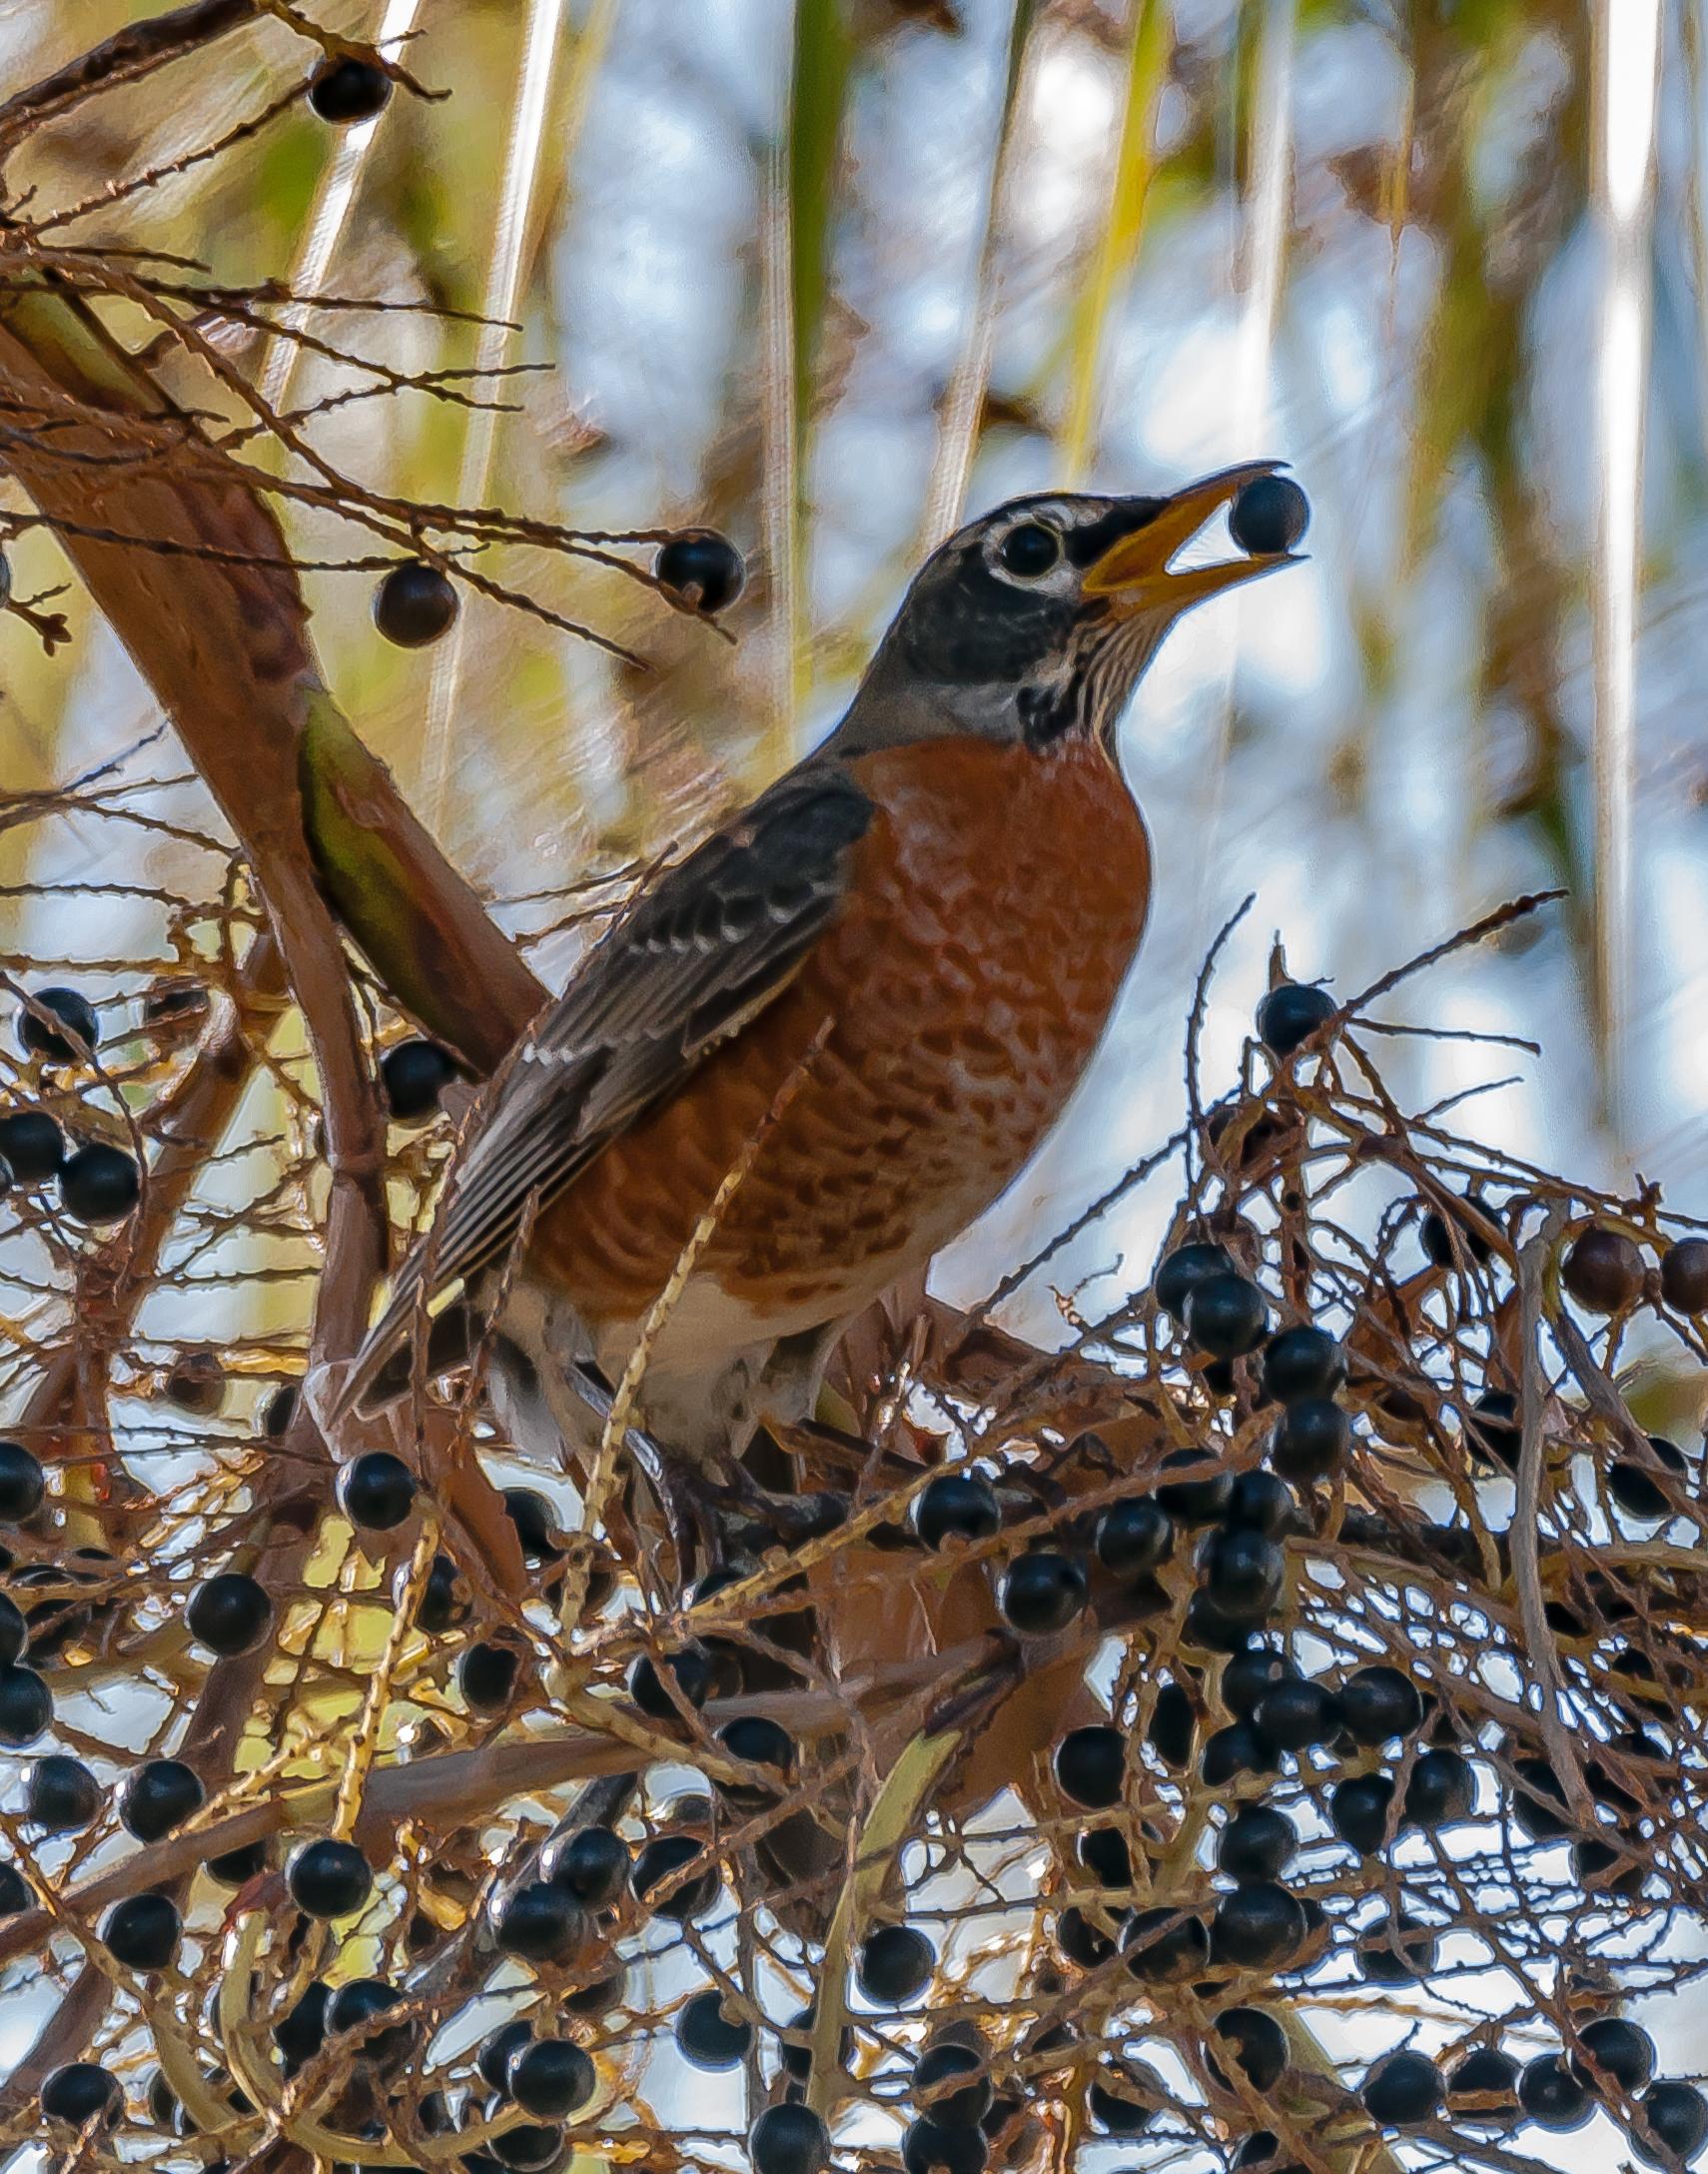 Encounters Explorer - Migración de Aves - Milagros en Alas